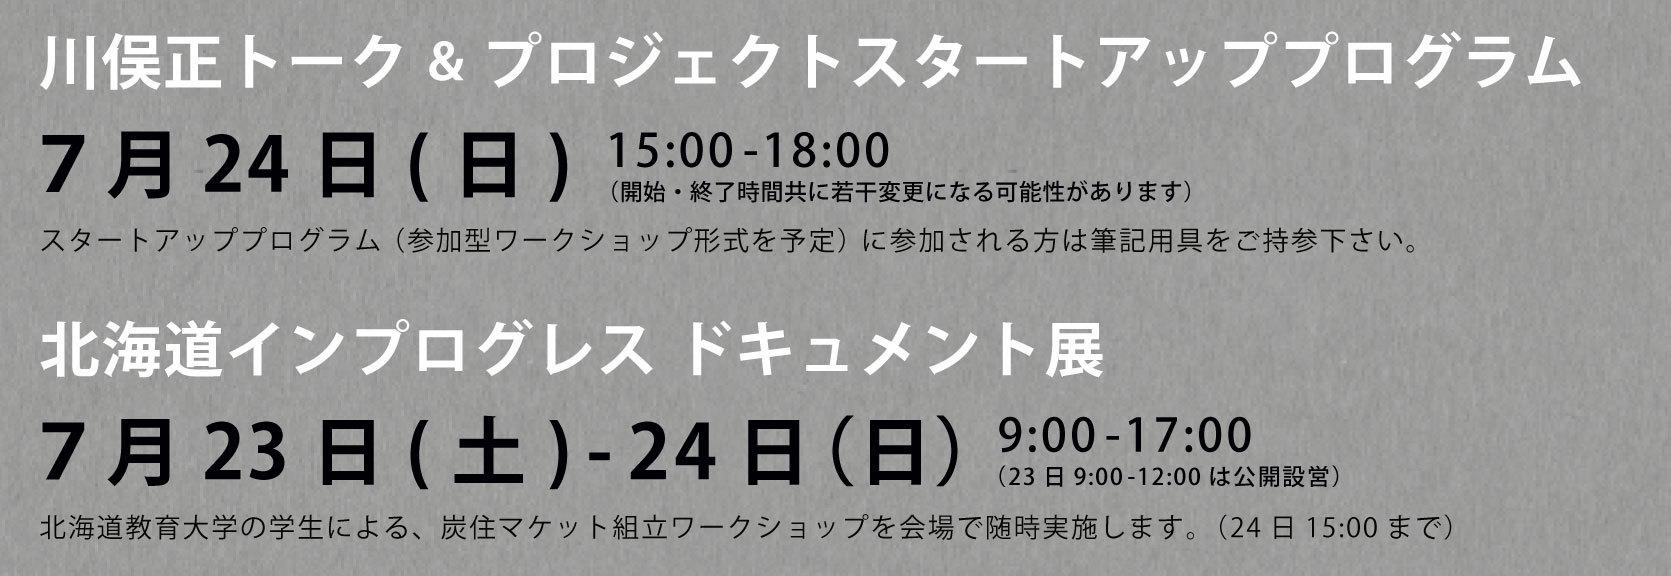 川俣正岩見沢プロジェクト2016_c0189970_05323453.jpg